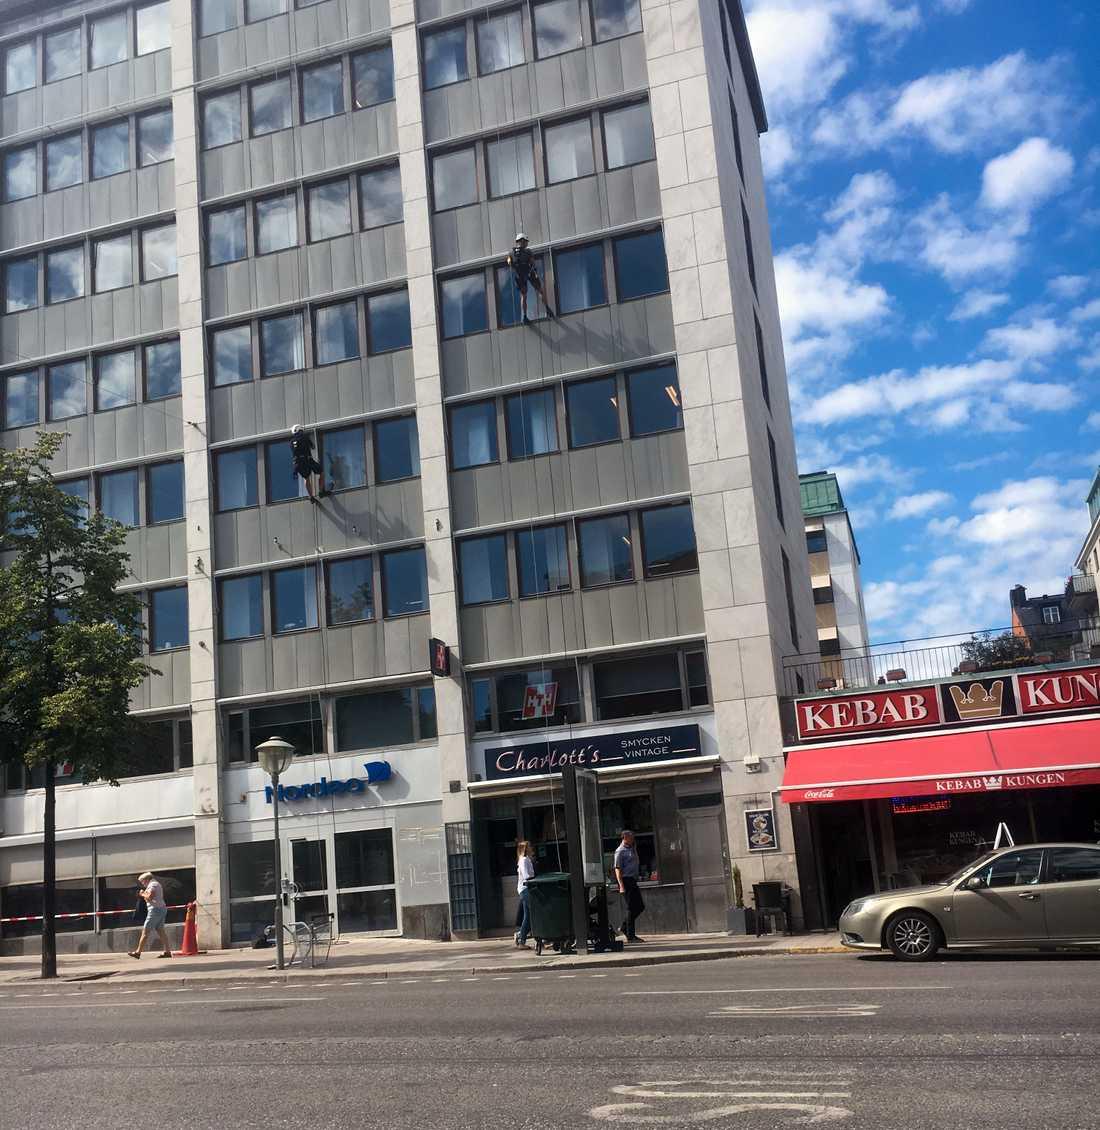 Fastighet som ägs av fackförbunden Byggnads och Kommunal genom fastighetsbolaget Polstjärnan.